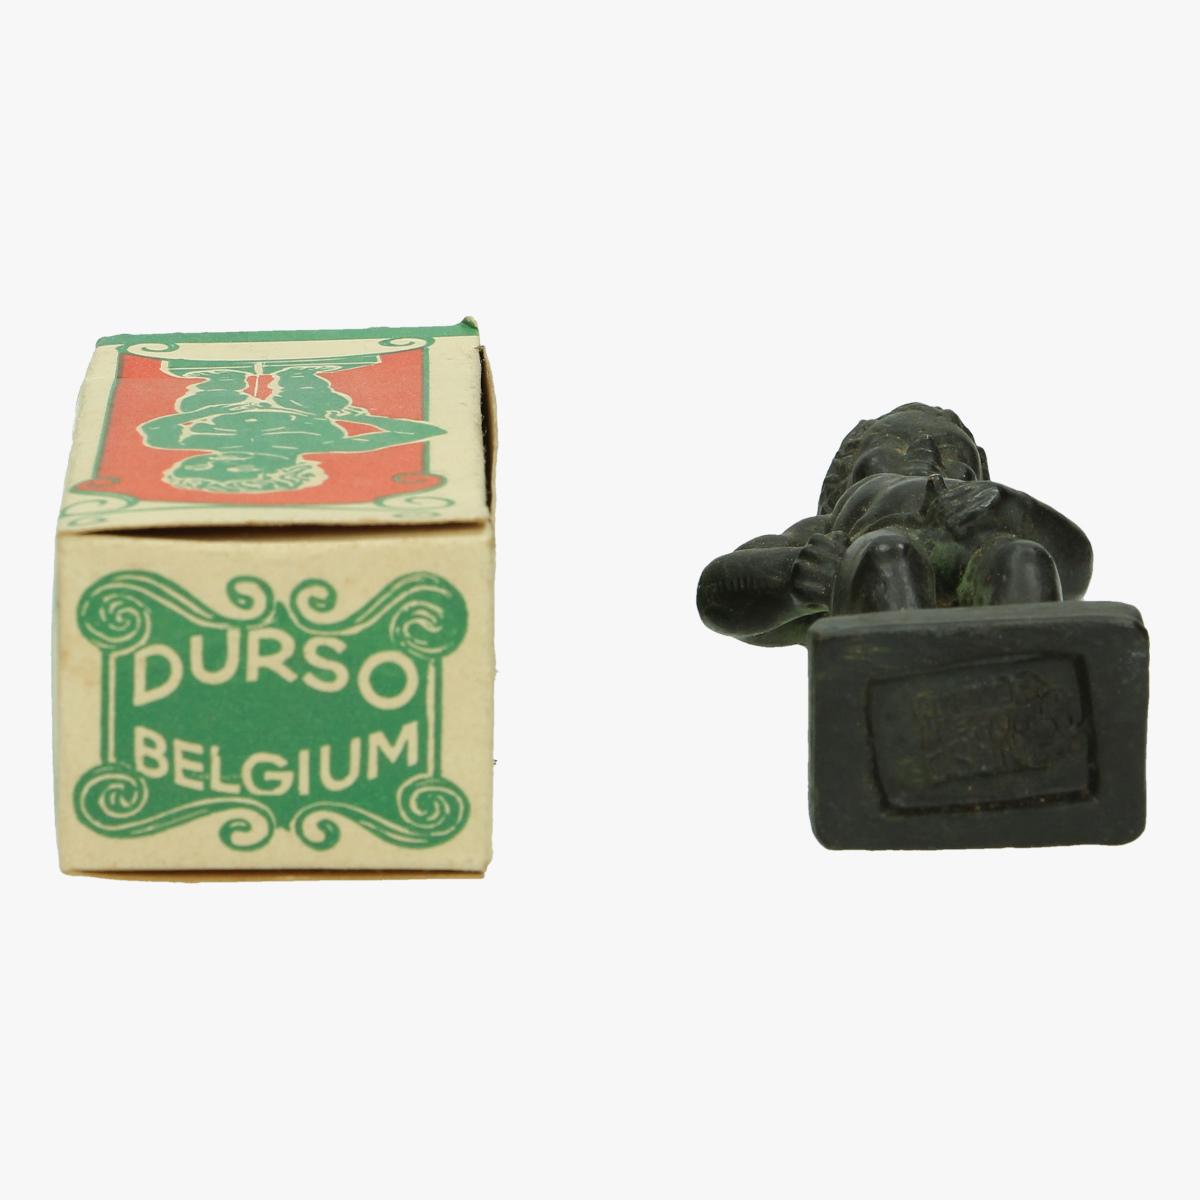 Afbeeldingen van manneke pis gedenken uit brussel durso belguim